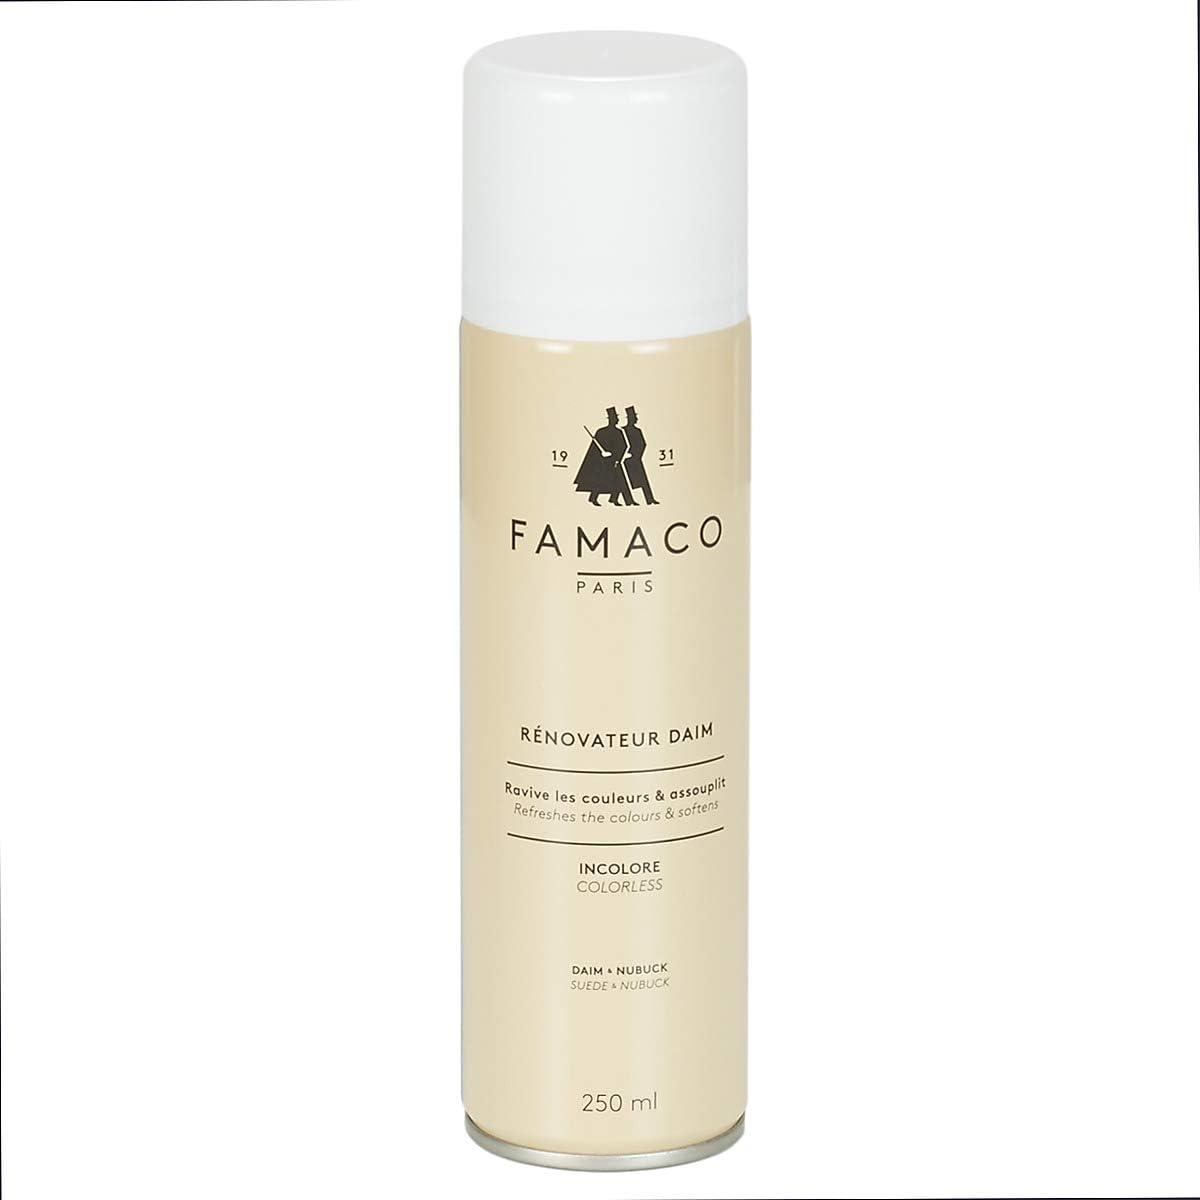 Famaco Entretien Du Daim Incolore, 250 ml